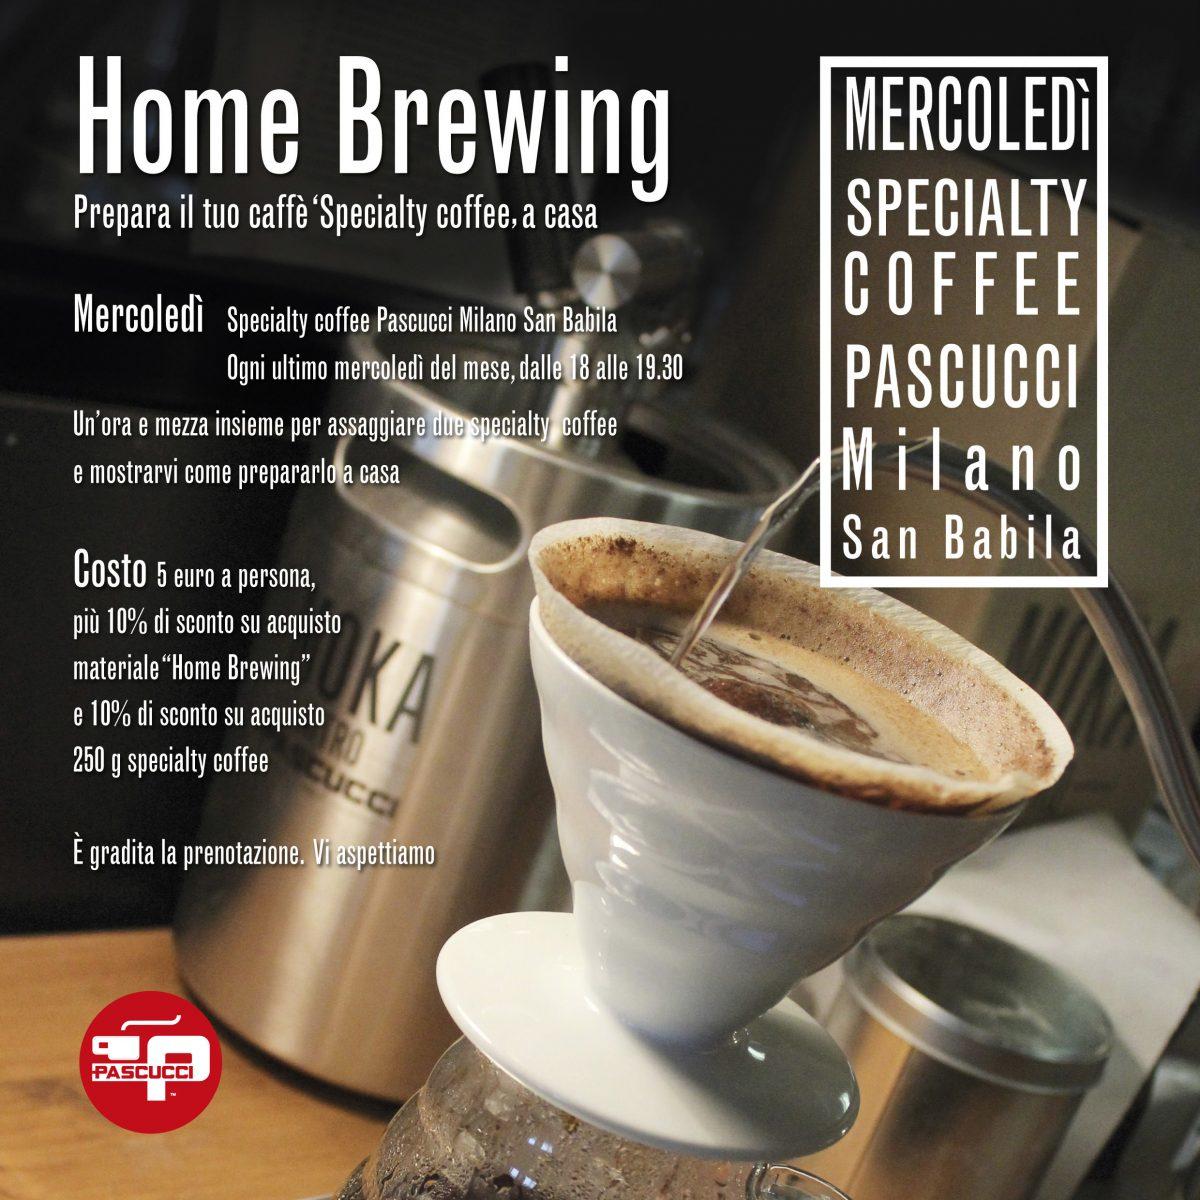 Caffè Pascucci HOME BREWING MILANO